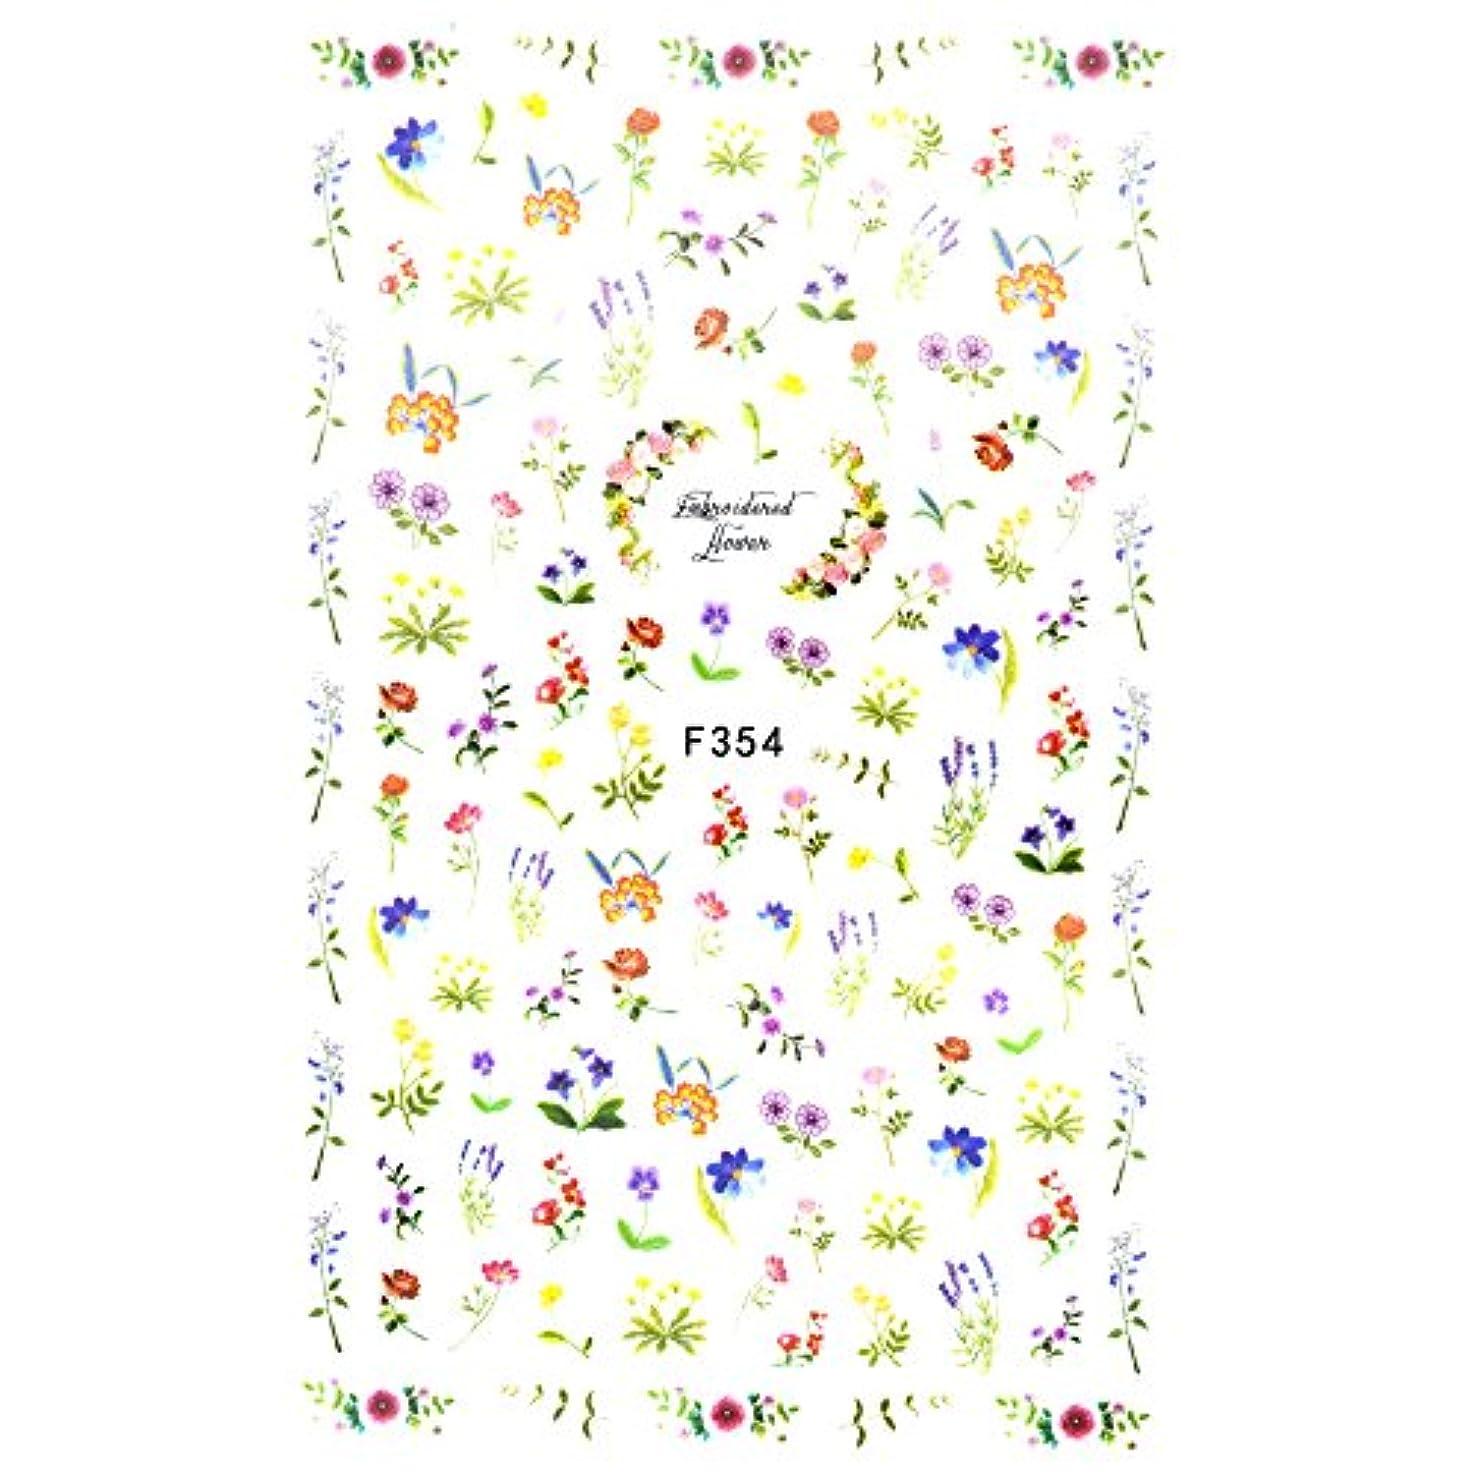 【F354】 フラワーベッドシール ネイルシール ジェルネイル ネイル レジン マニキュア セルフネイル 花 フラワー